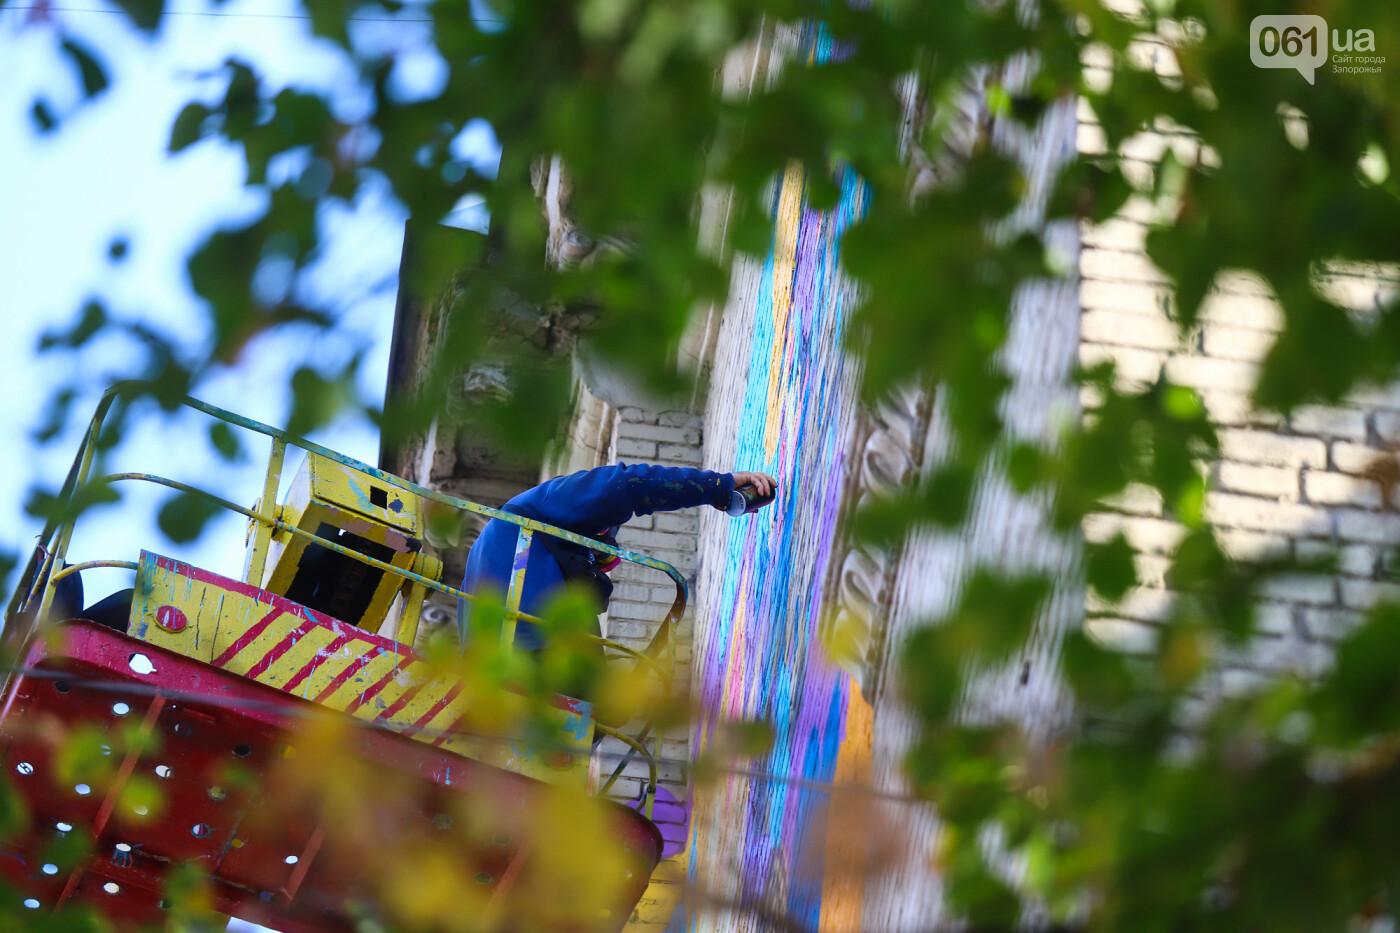 Художник из Нью-Йорка нарисовал мурал к 250-летию Запорожья - ФОТОРЕПОРТАЖ , фото-13